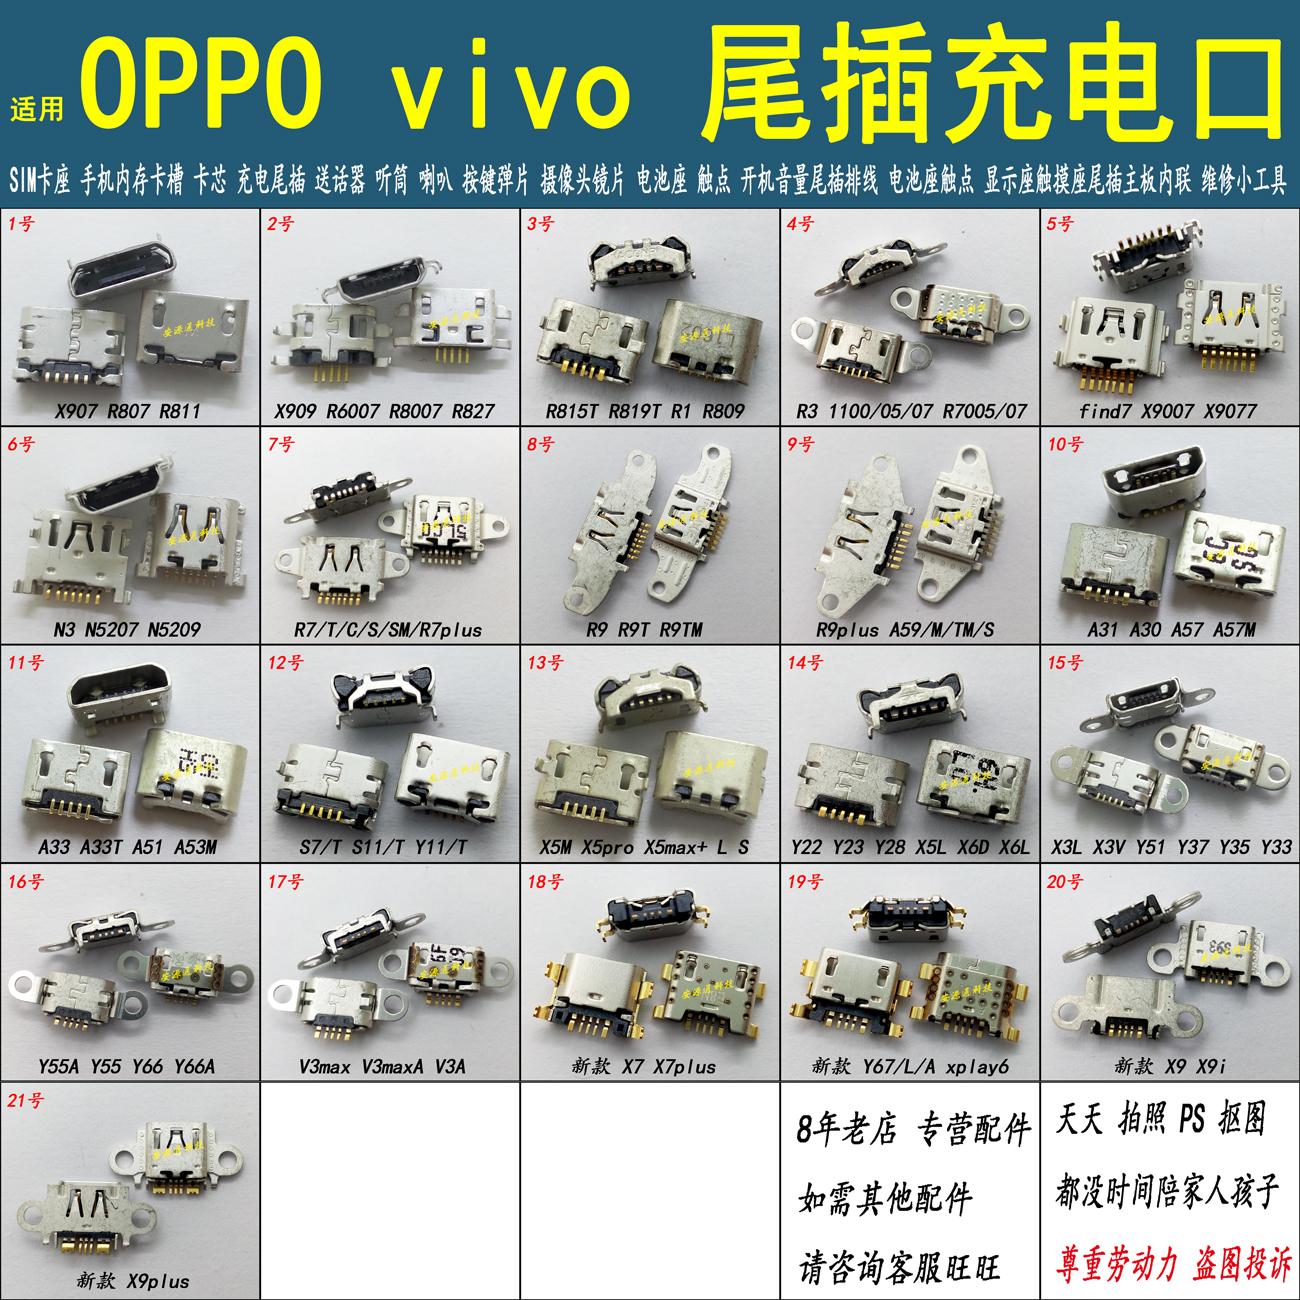 充电尾插 手机USB接口适用OPPO R9S plus vivo X7 R6007 R11S A73